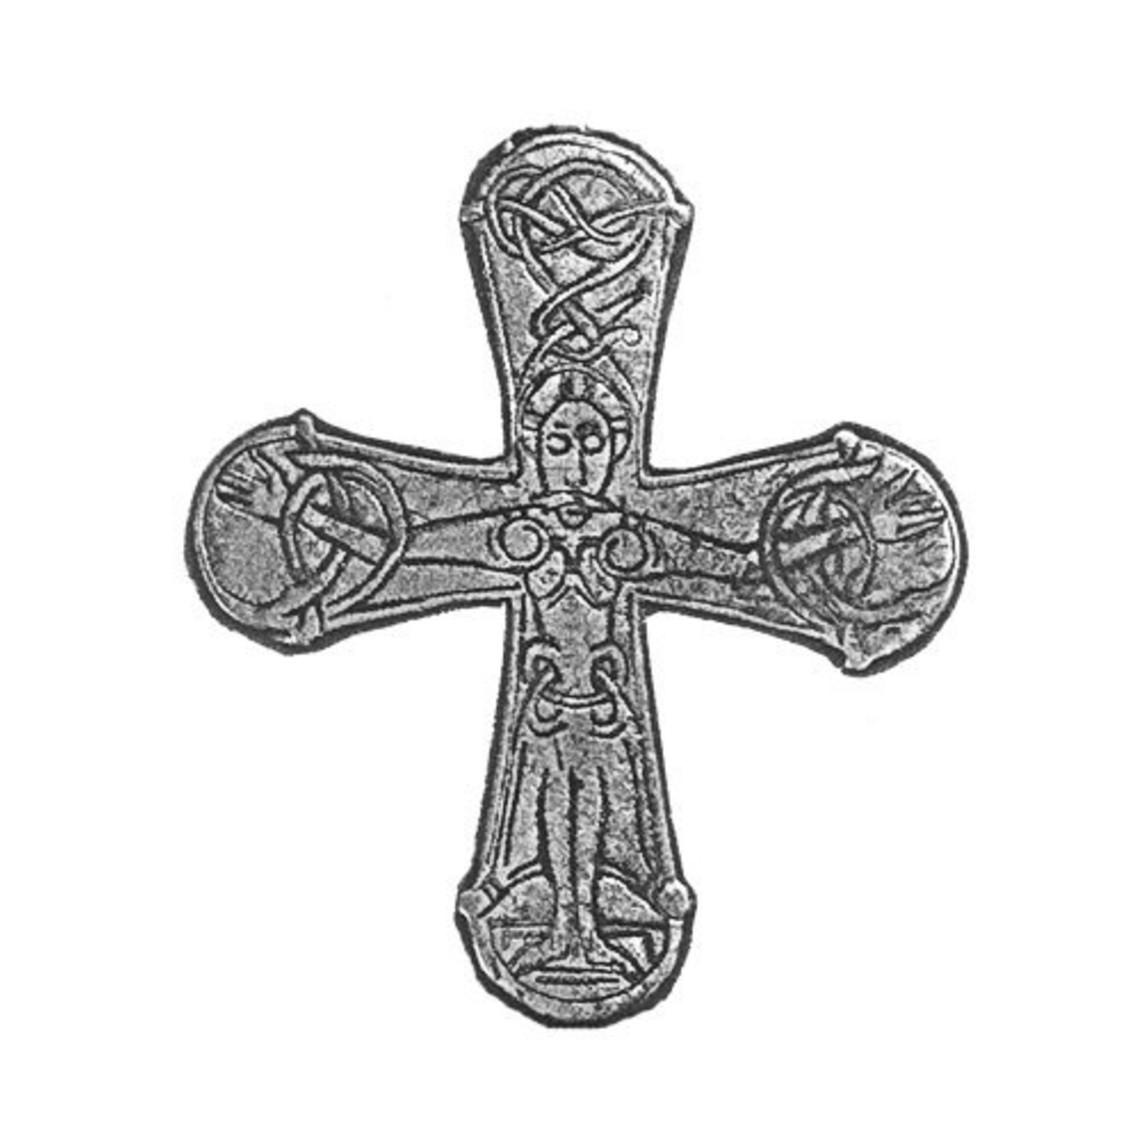 Gatebo croix Viking, bronze